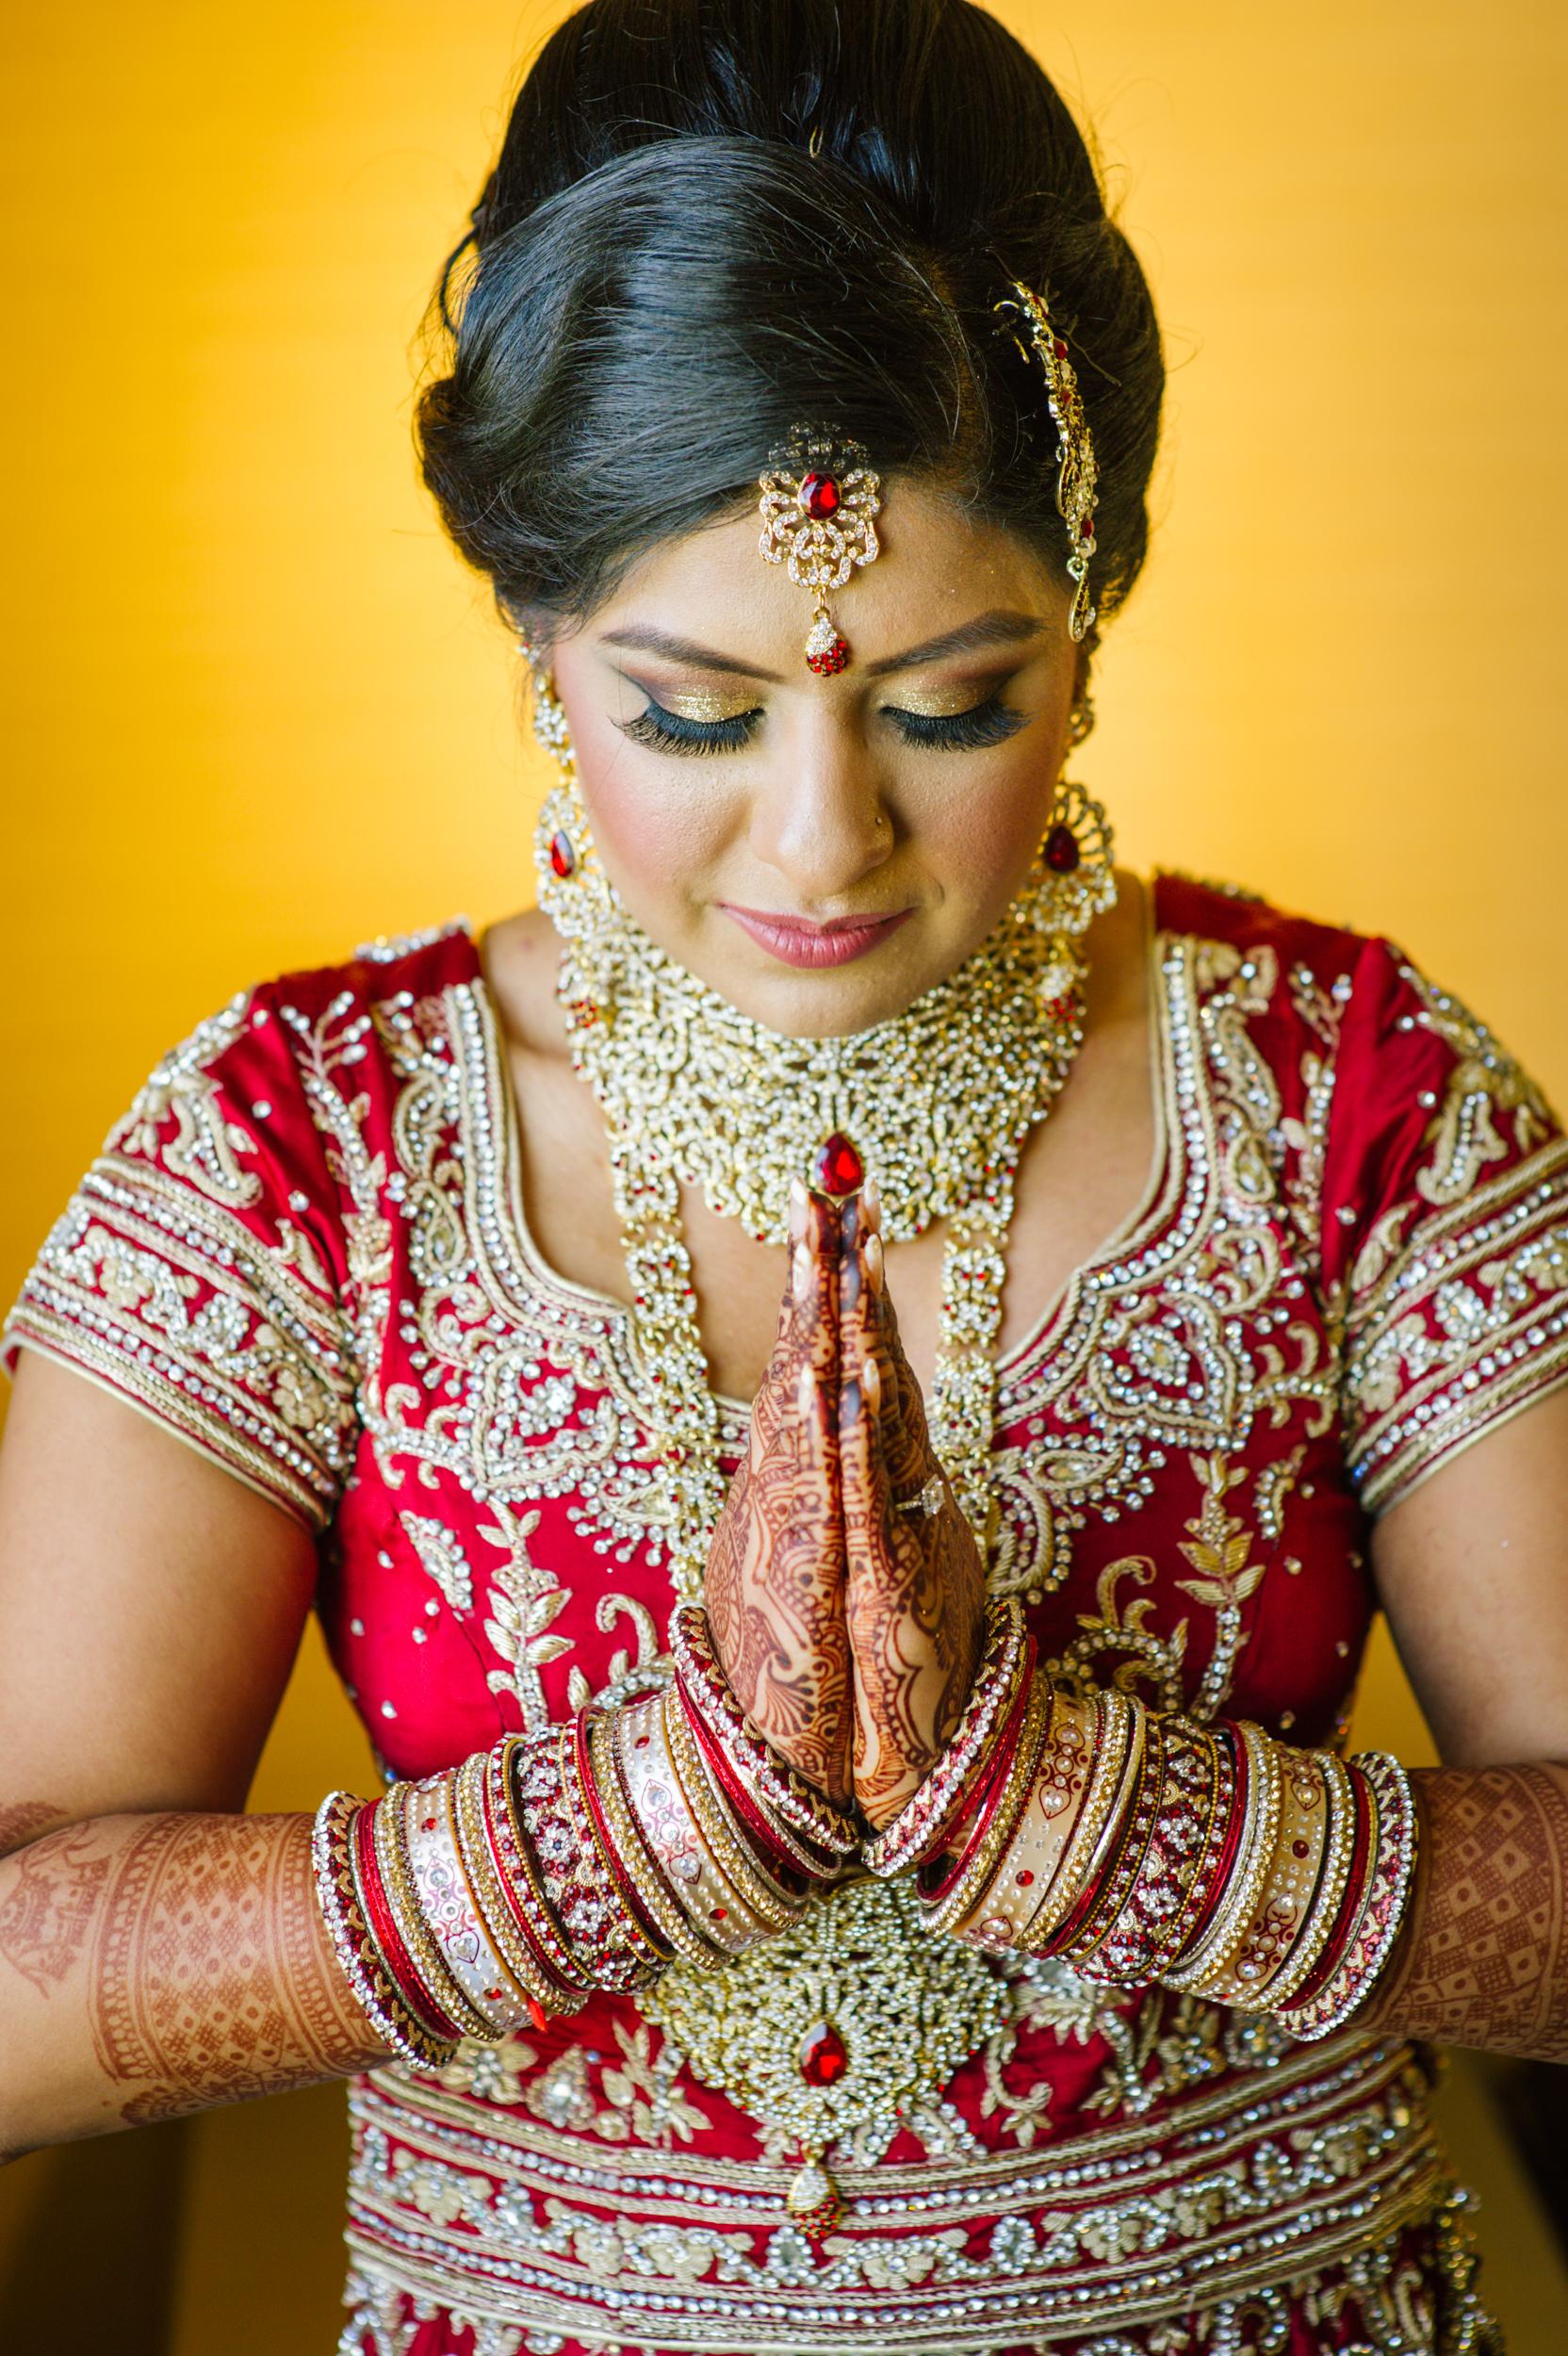 JKP_Indian_Weddings_0015.JPG